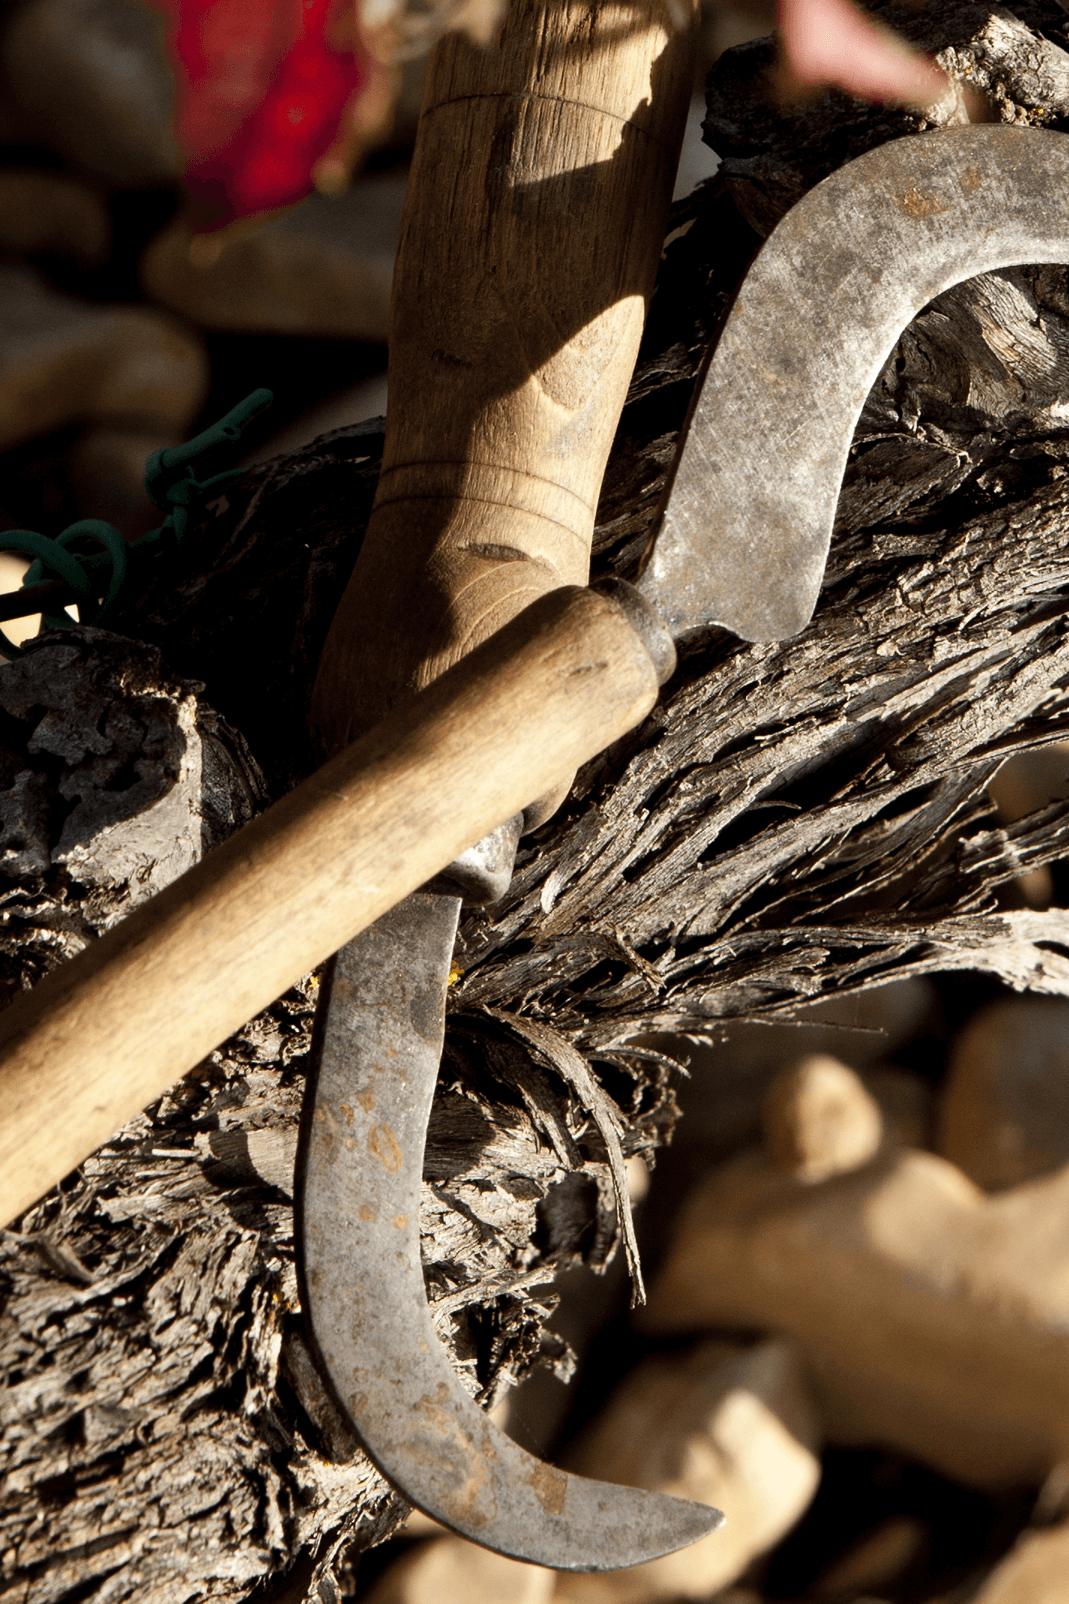 bodegas taron vinos la rioja herramientas peq